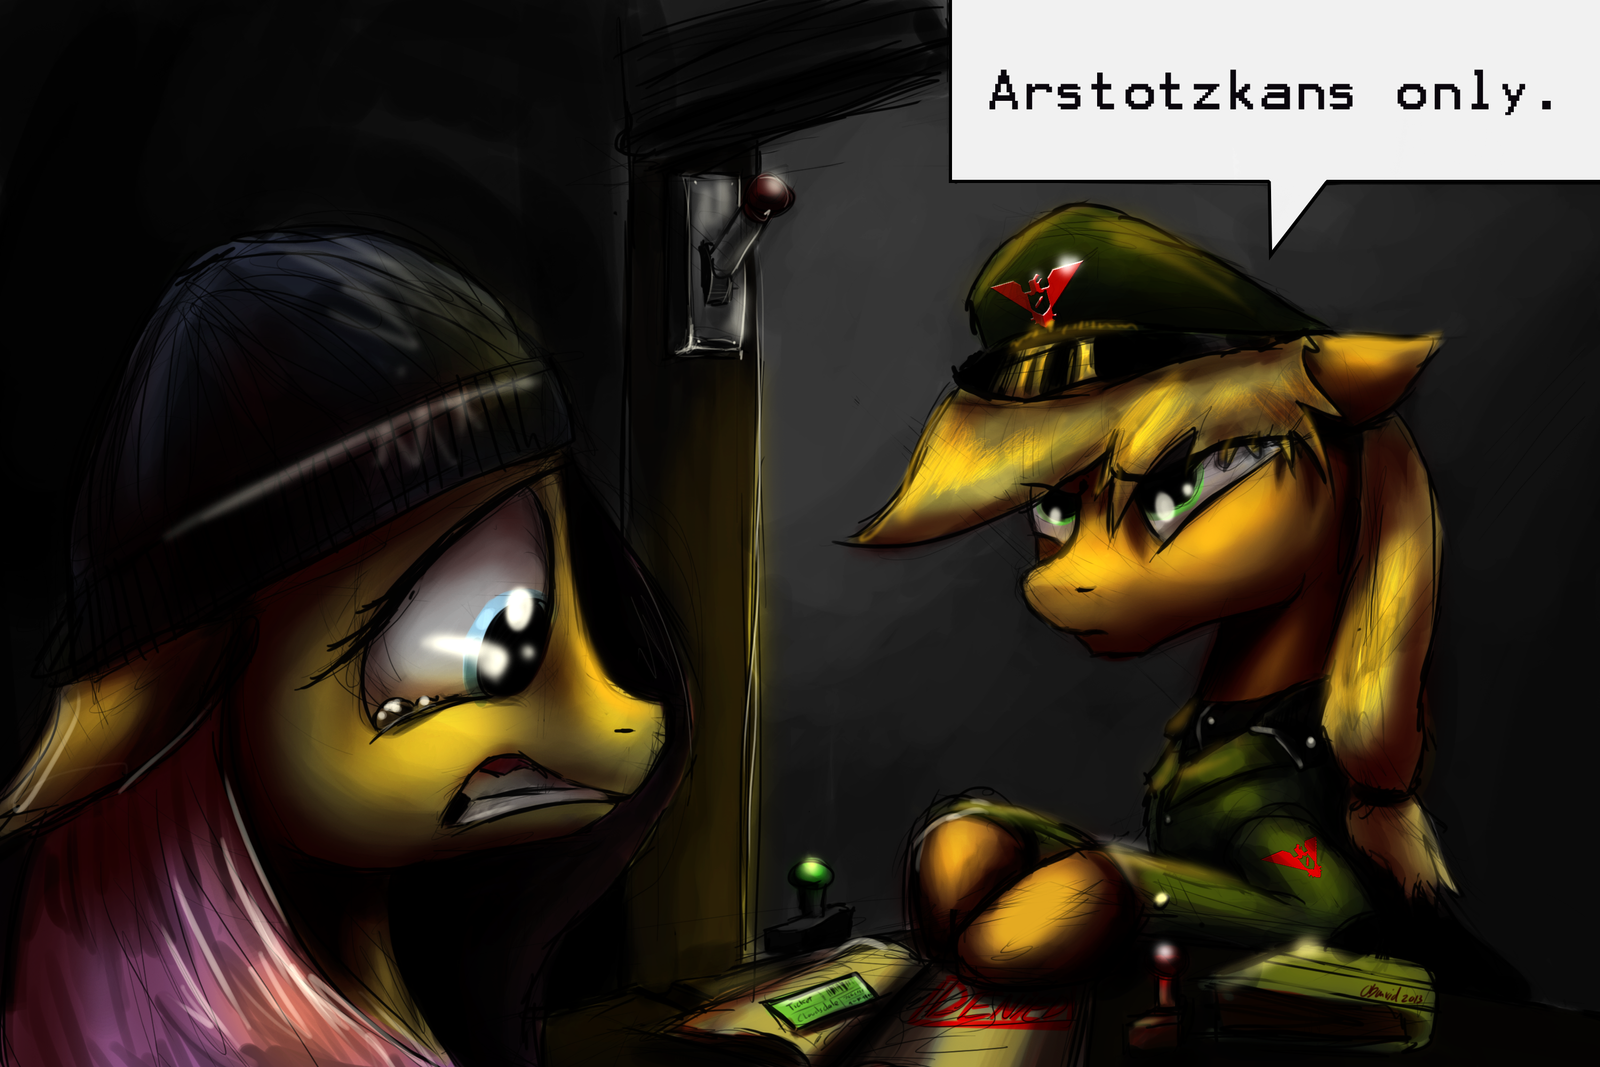 Glory To Arstotzka! by duh-veed